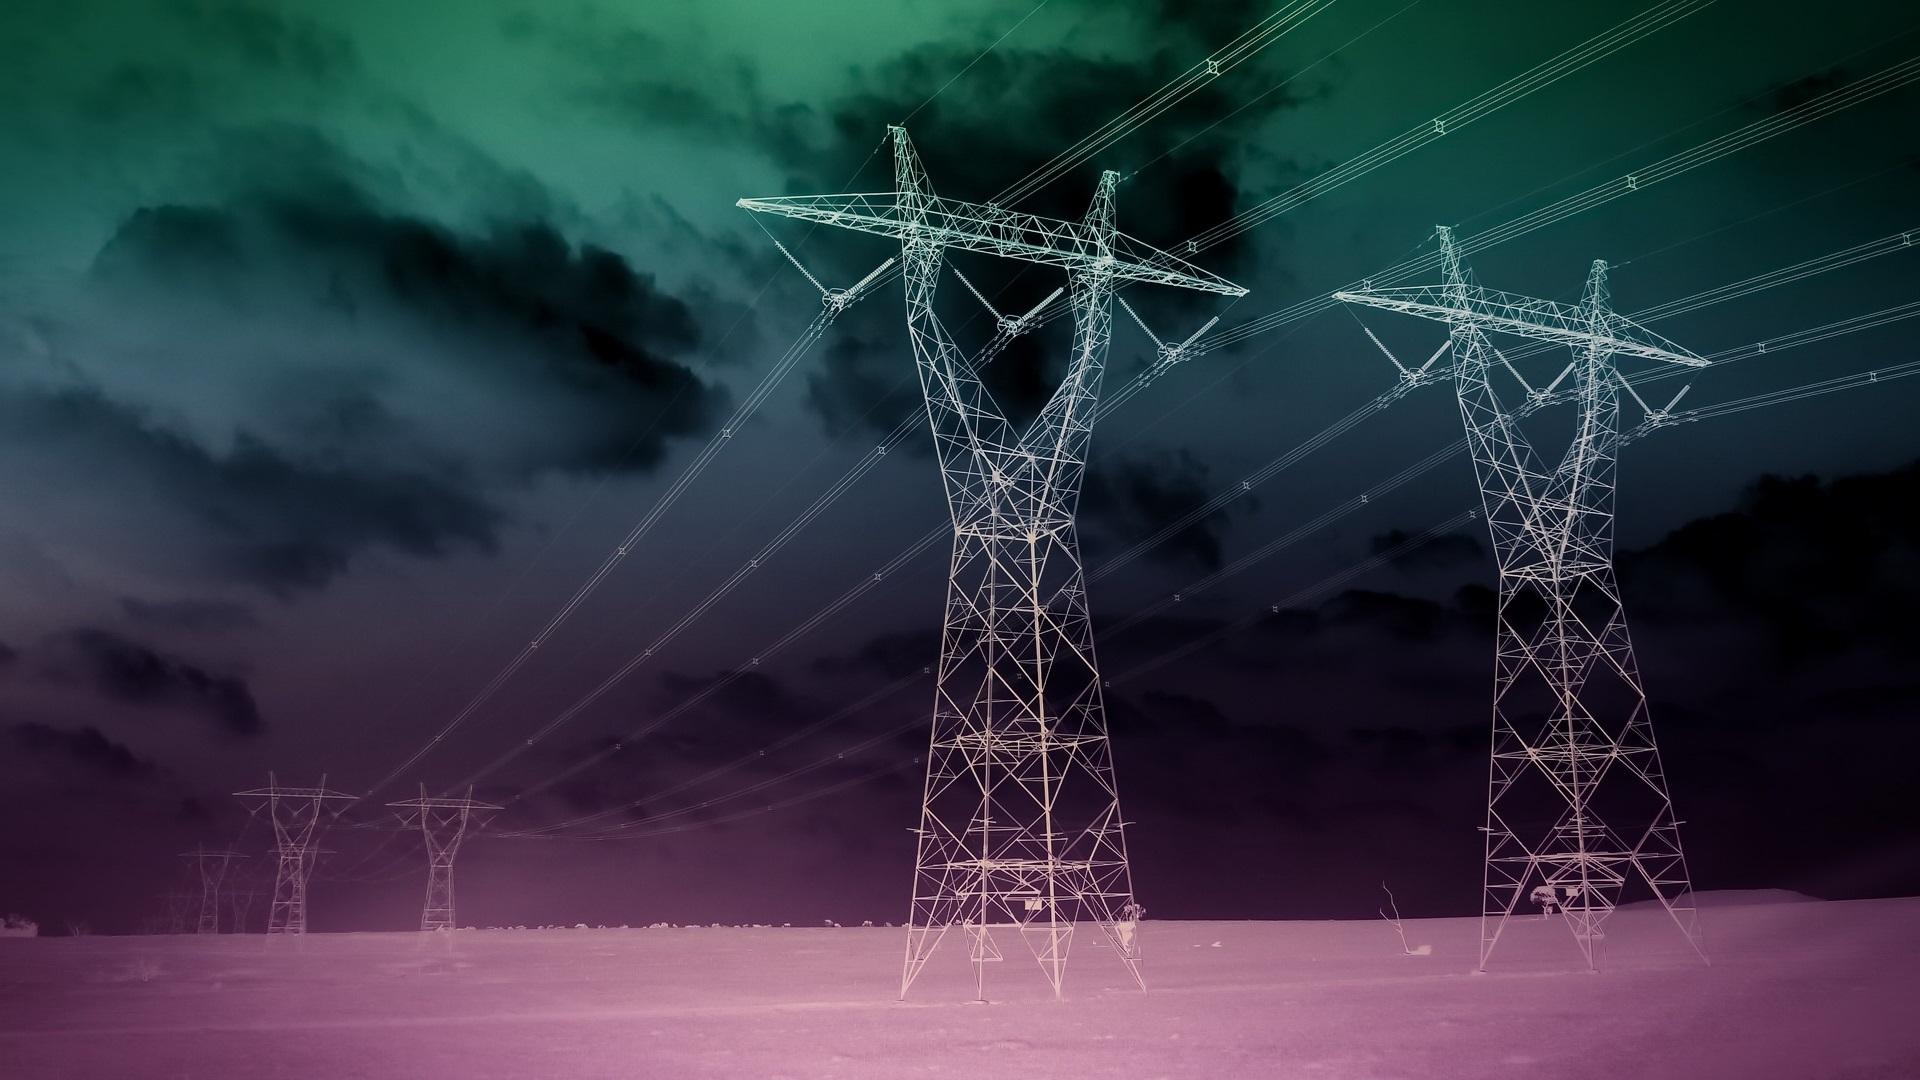 wallpaper power lines desert night 1920x1080 full hd